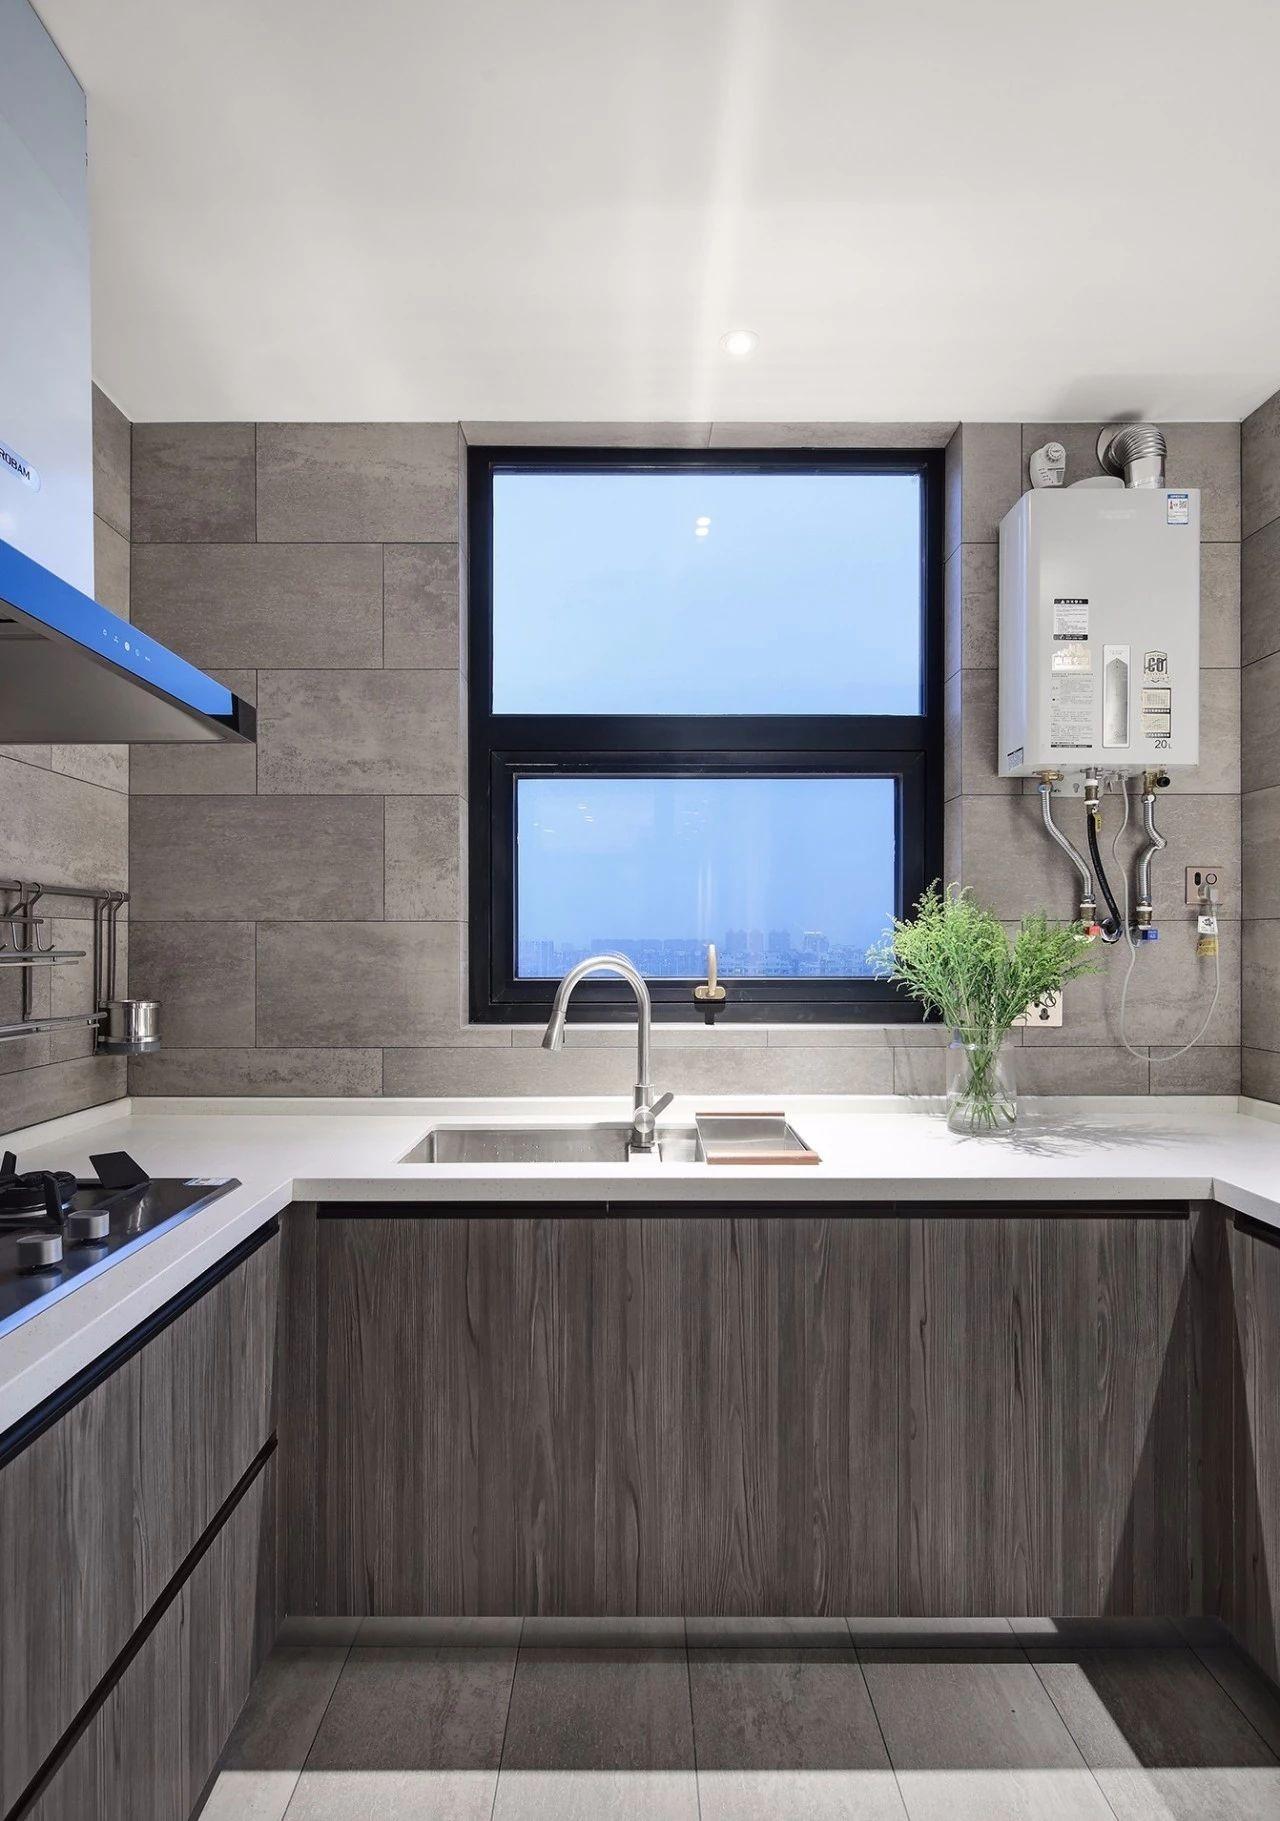 现代 黑白灰 全案设计 舜山府 重庆家装 厨房图片来自鹏友百年装饰在黑白灰现代简约大宅的分享